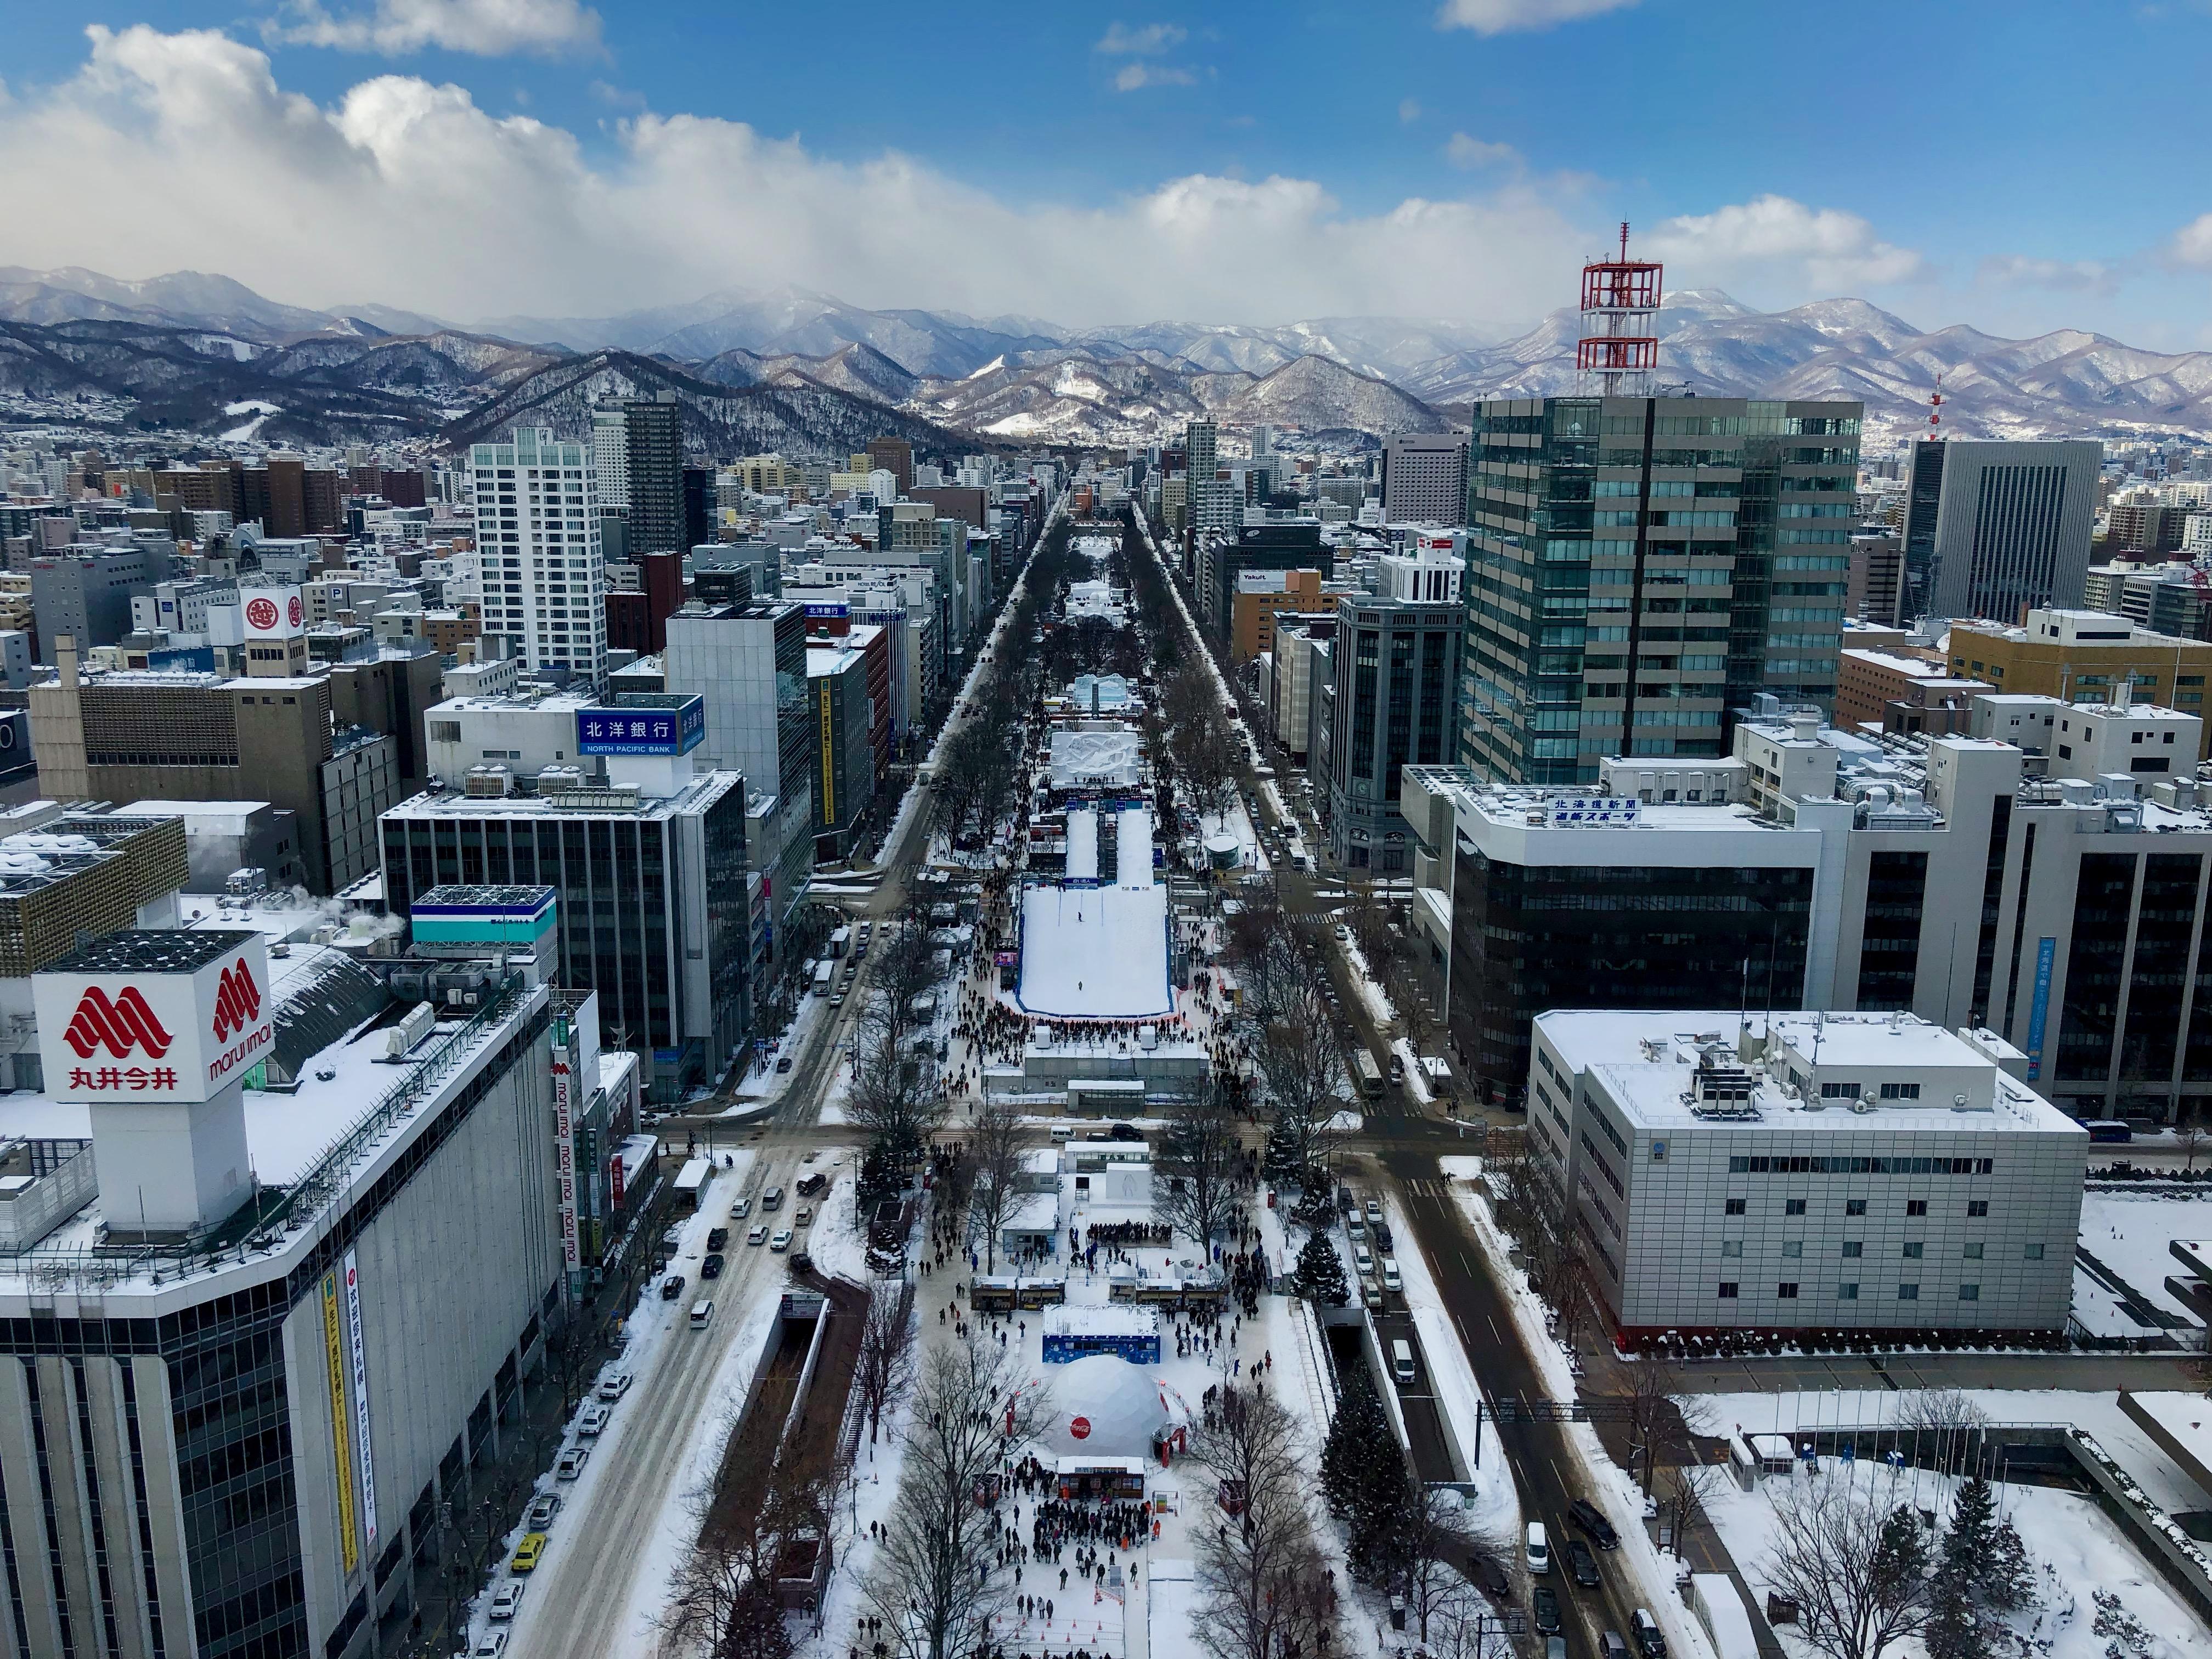 Sapporo dall'alto / Sapporo from above